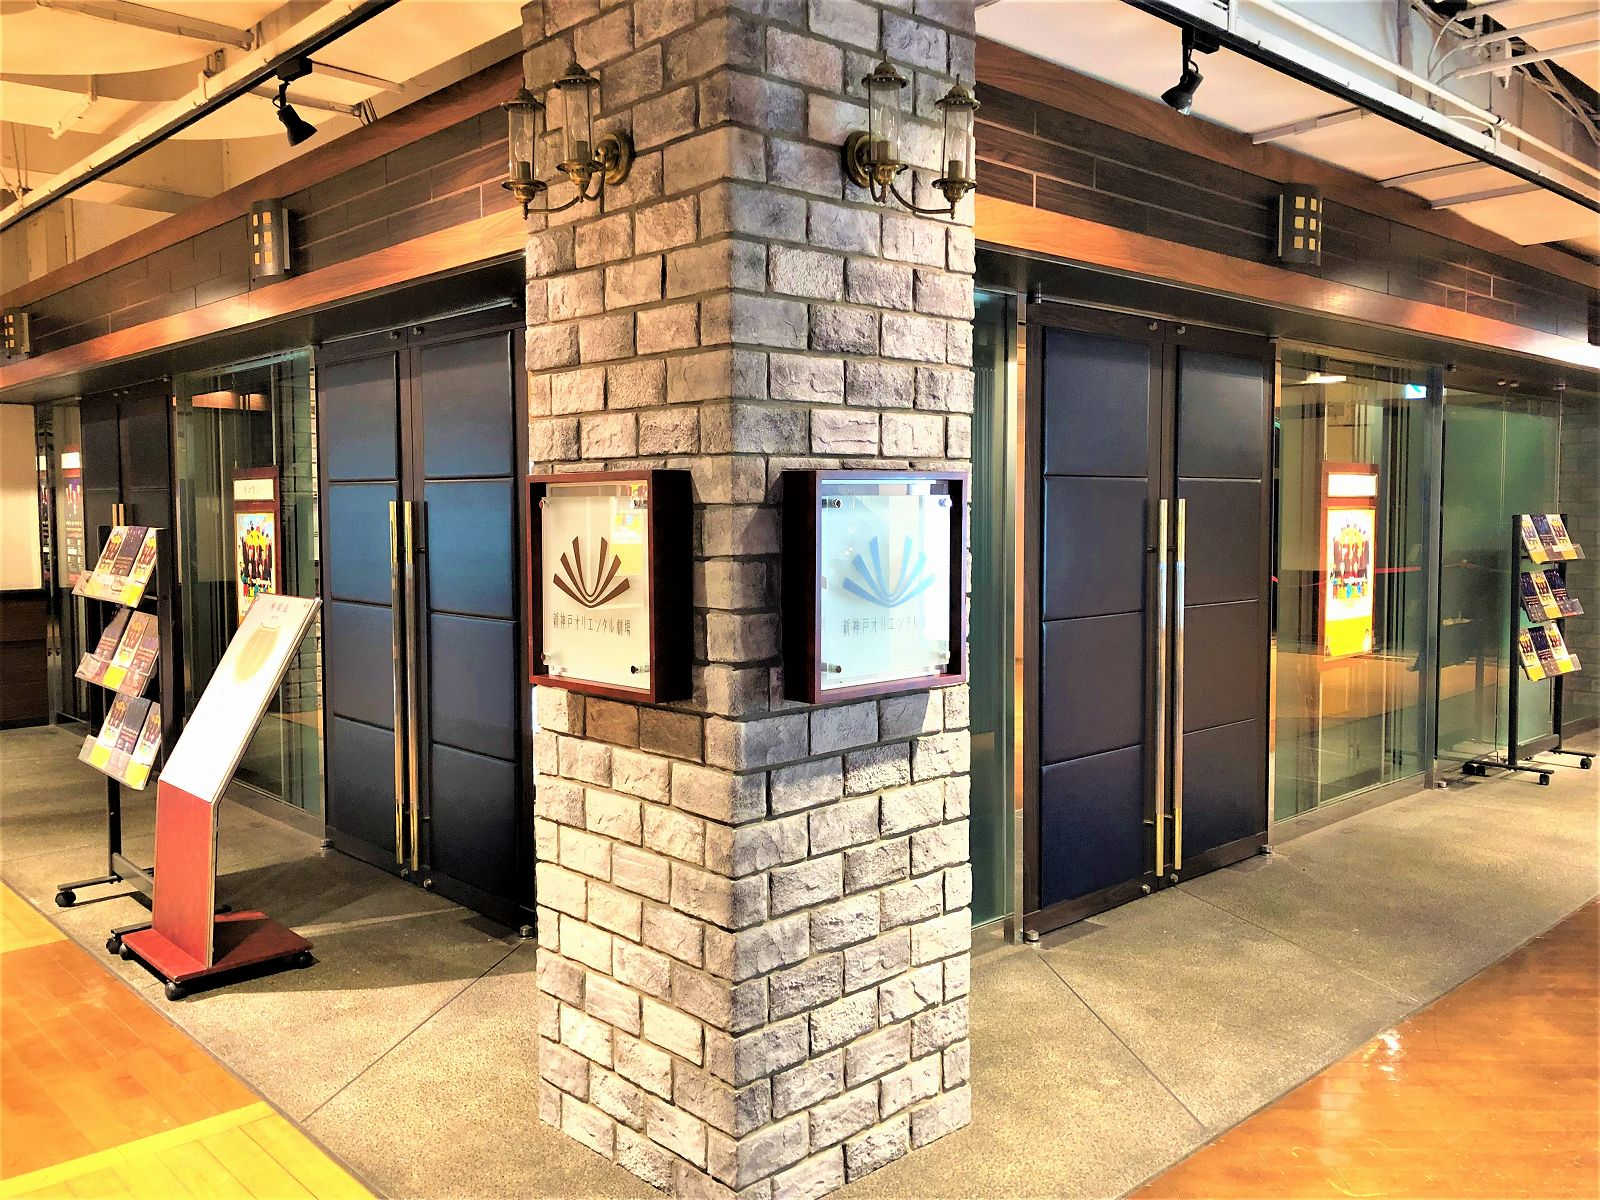 「新神戸オリエンタル劇場」が、今年2018年12月末で閉館します  #新神戸オリエンタル劇場 #新神戸 #神戸観光 #閉店情報 #新神戸オリエンタルアベニュー